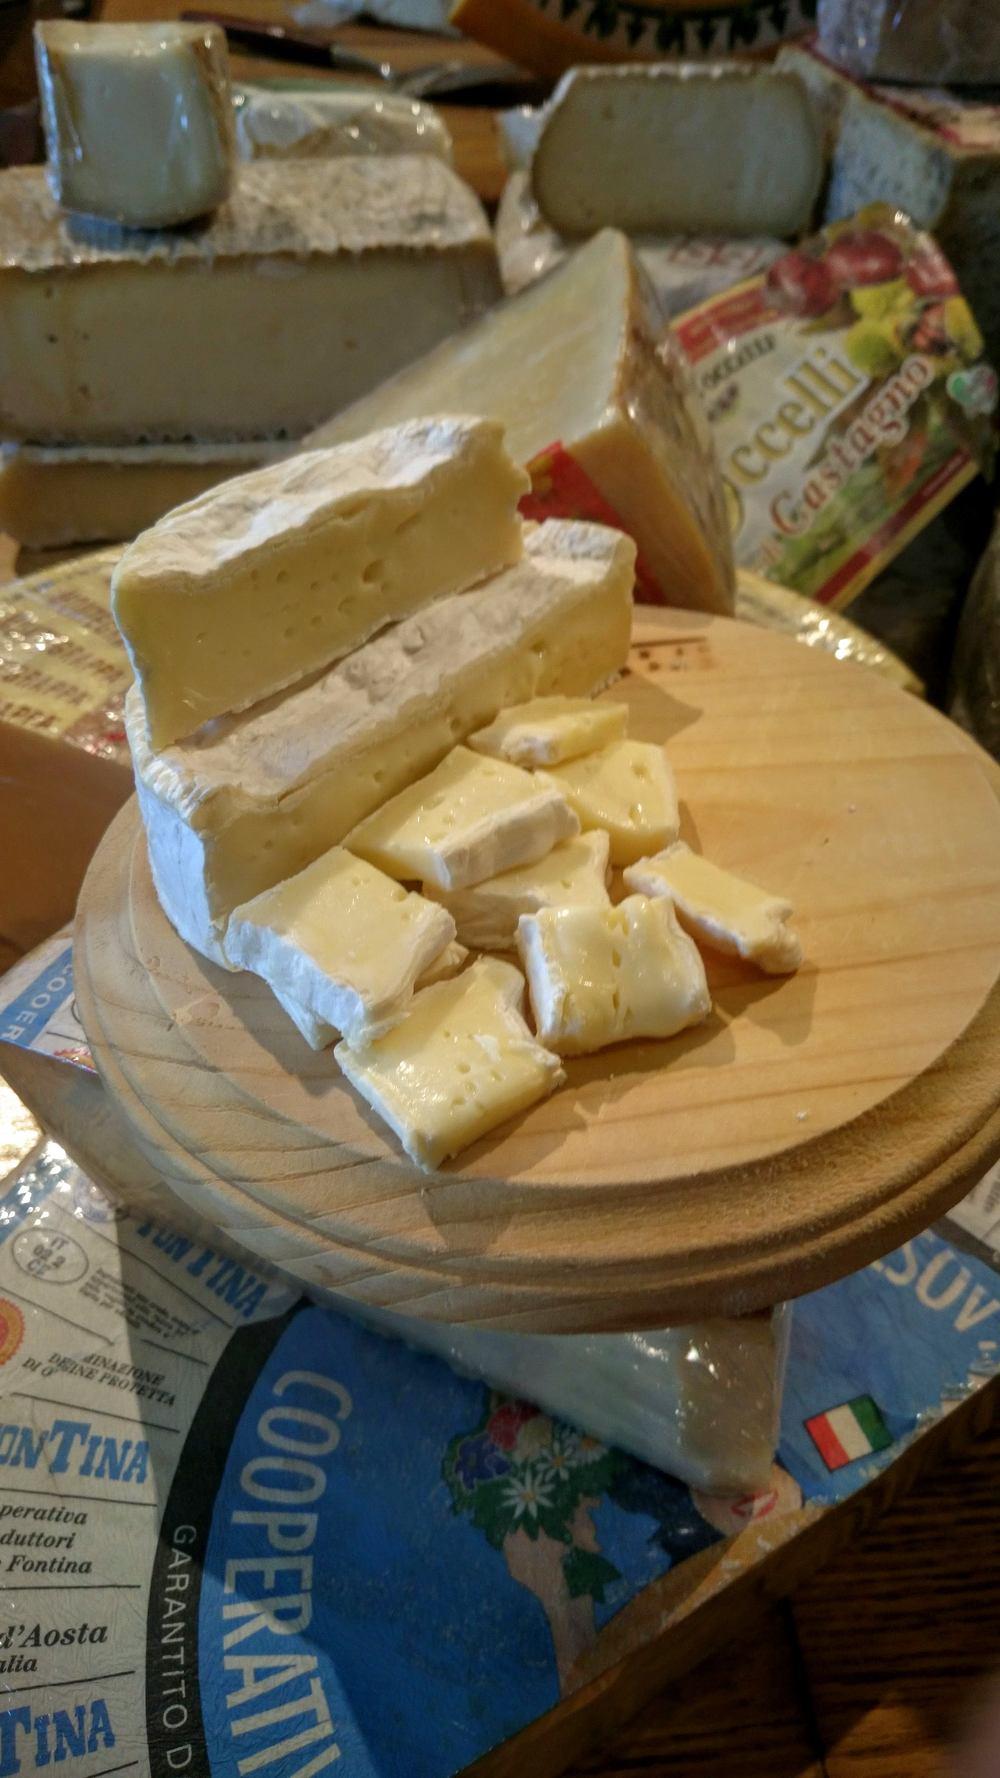 camembert-cheese-store-beverly-hills.jpg